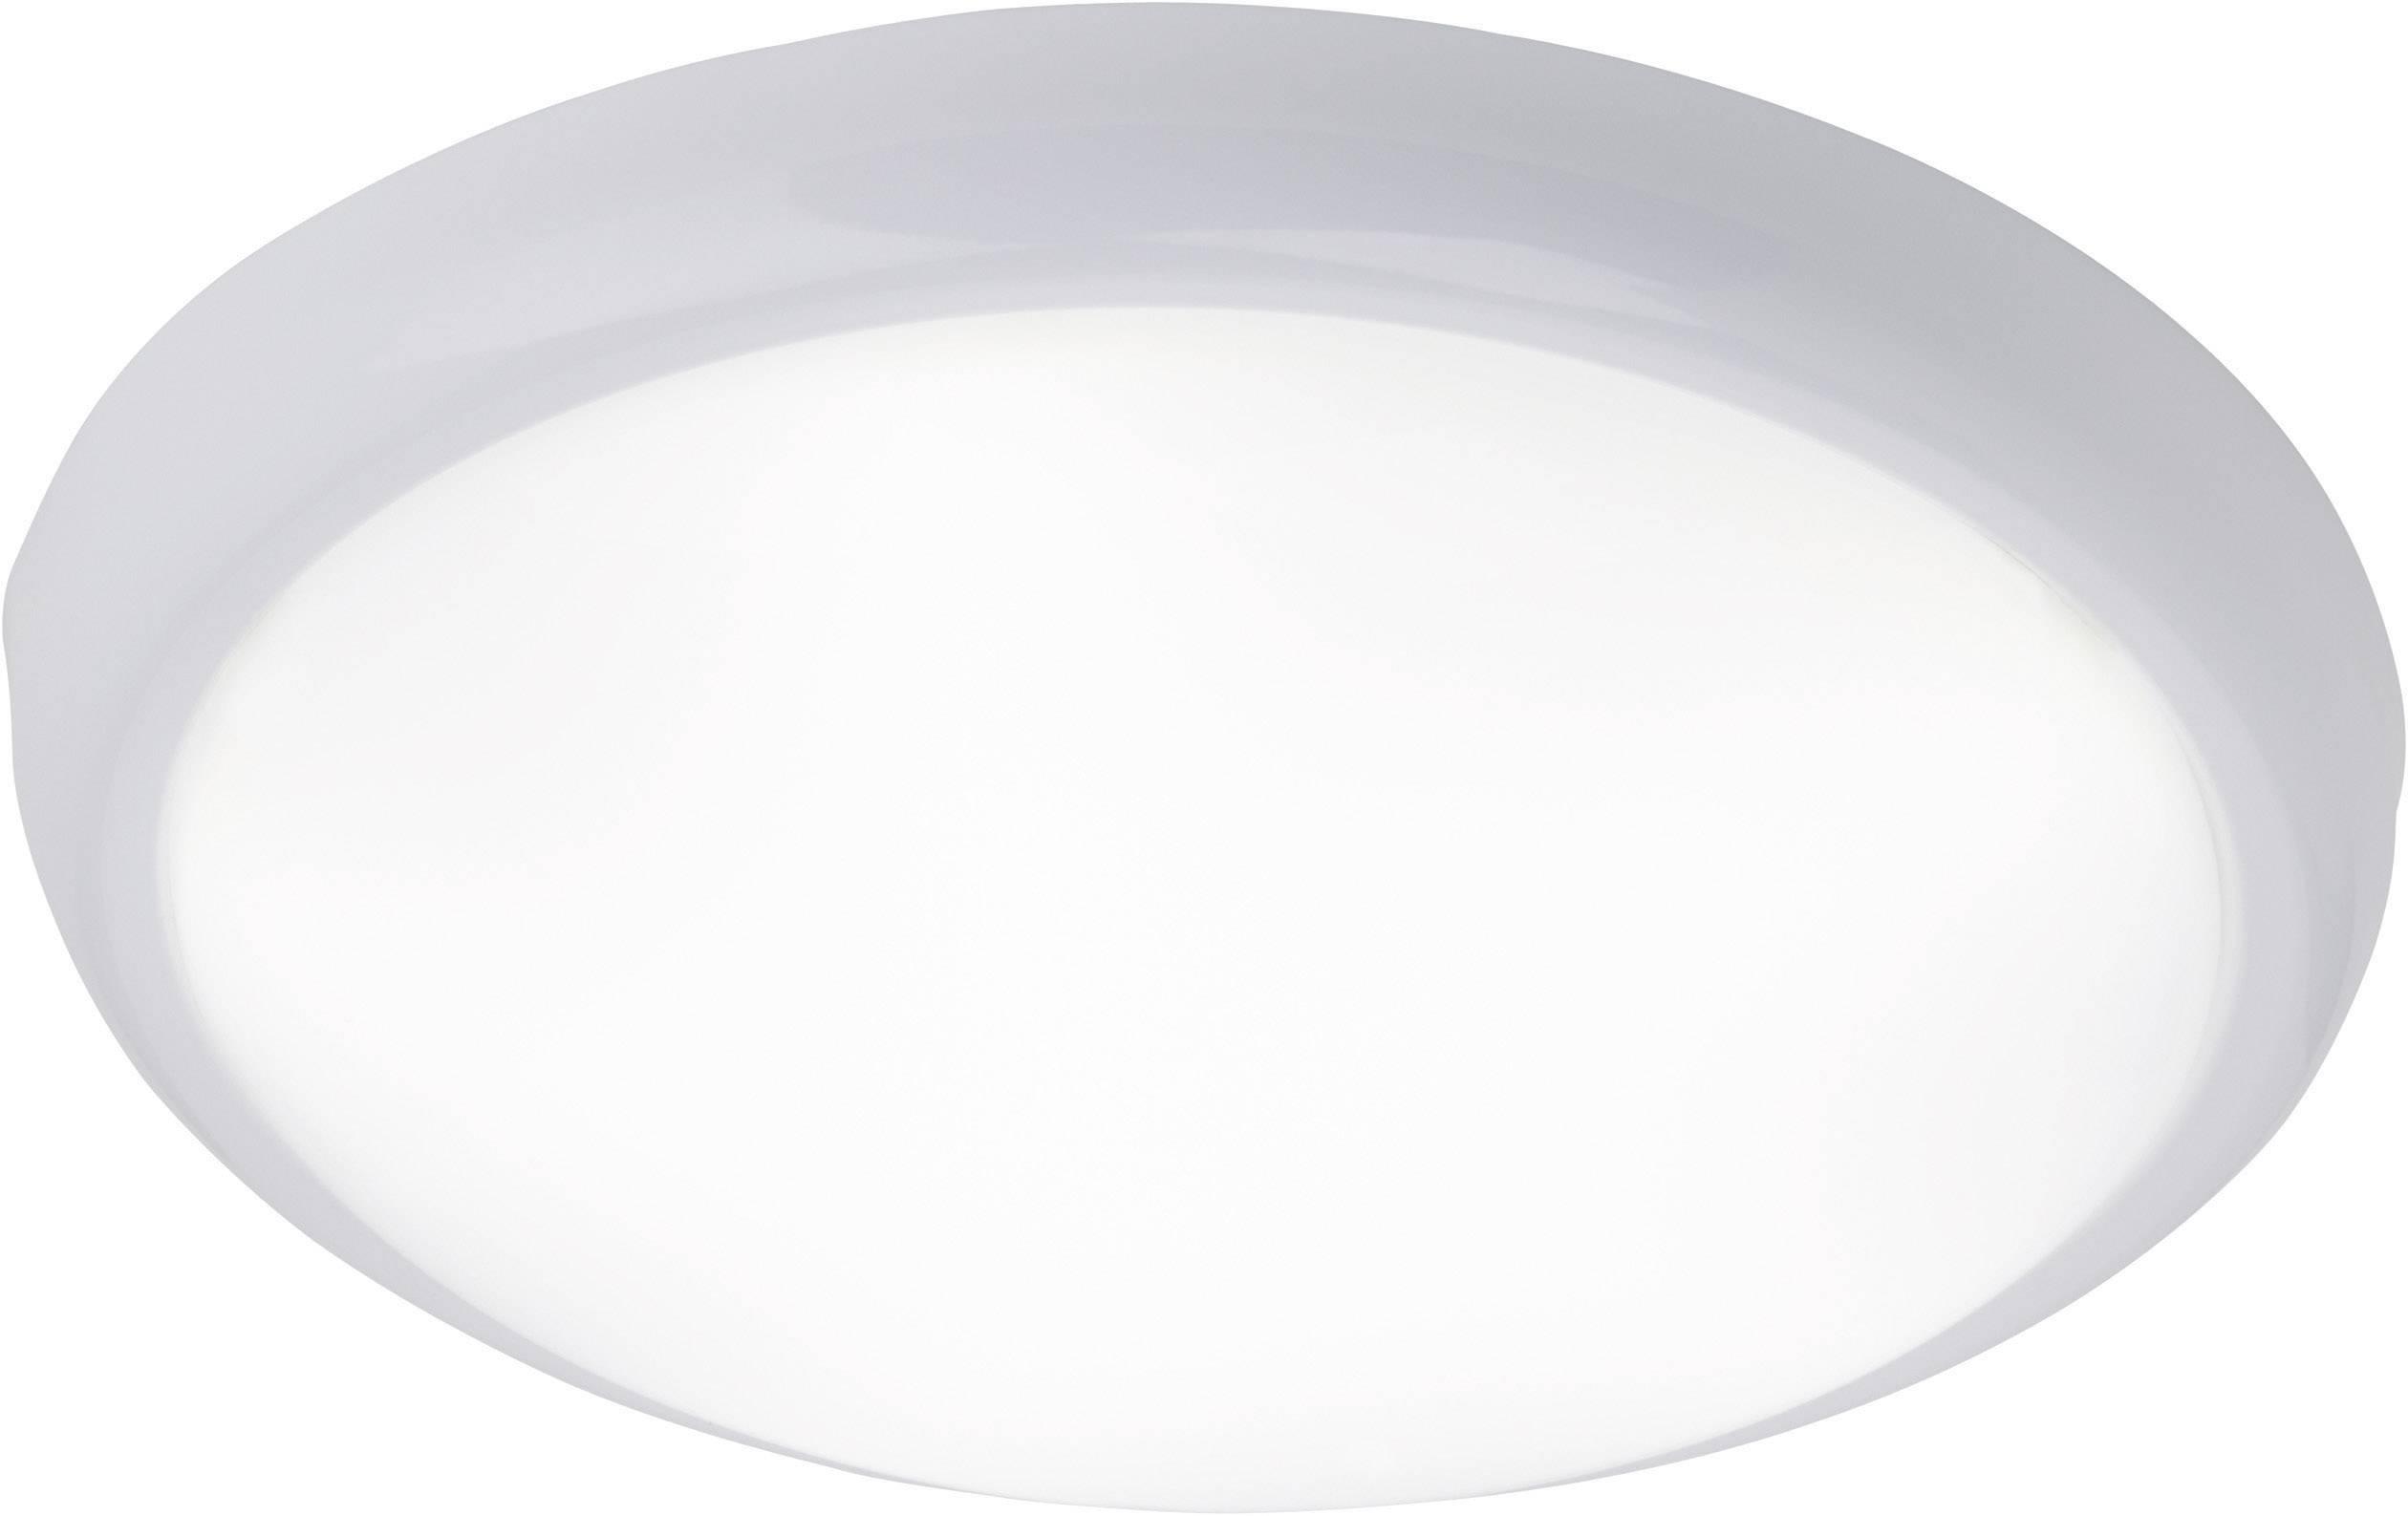 LED stropné svietidlo Brilliant Vigor G94131/05, 15 W, vonkajší Ø 33 cm, chladná biela, železo, biela